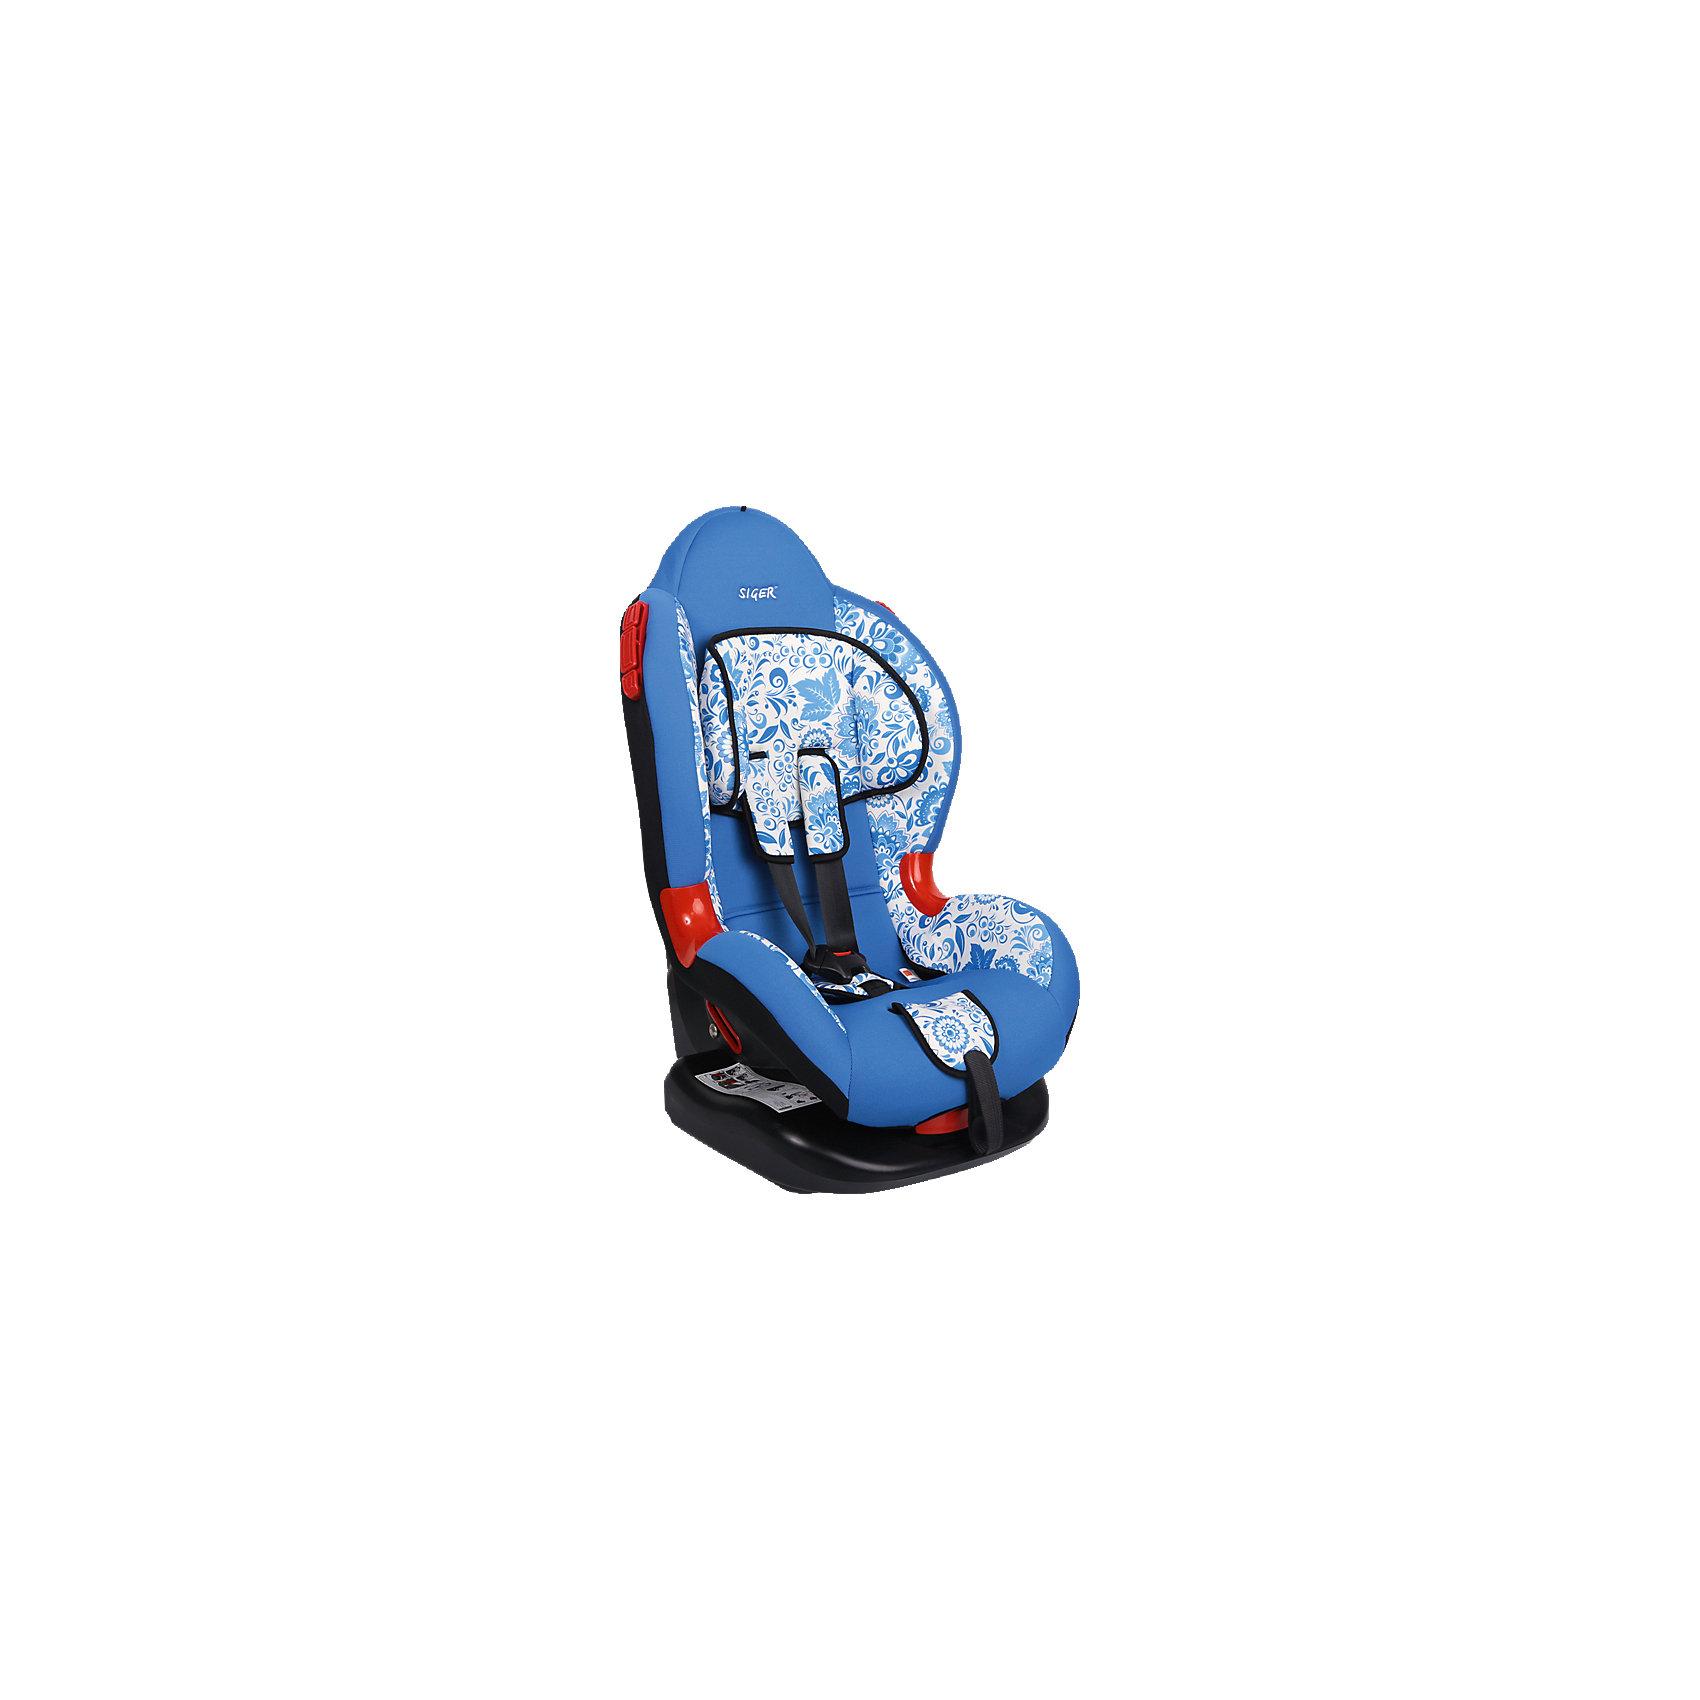 Автокресло Siger Кокон Art, 9-25 кг, гжельГруппа 1-2 (От 9 до 25 кг)<br>Автокресло Кокон Art - прекрасный вариант для отдыха и путешествий для уже подросших малышей. Ортопедическая спинка, уникальная форма мягкого подголовника ,замок внутренних ремней с повышенной надежностью, 2 позиции прохождения штатного ремня обеспечивают удобство и надежную защиту вашего ребенка. Спинка регулируется в 6 положениях, что позволяет креслу адаптироваться под наклон сидений автомобиля. Округлая форма сиденья предохраняет ножки малышей от затекания и натирания в процессе езды. Модель имеет внутренние 5- титочечные ремни безопасности с мягкими внутренними накладками для еще большего комфорта. Износостойкие вставки для внутренних ремней для еще большей прочности и красоты. Кресло выполнено из высококачественных материалов, съемный  чехол  прекрасно стирается в машине или же руками.<br><br>Дополнительная информация:<br><br>- Материал: пластик, текстиль.<br>- Вес ребенка: 9-25 кг. ( 1-7 лет).<br>- Группа 1-2.<br>- Ширина: 45,5 см.<br>- Глубина: 78 см.<br>- Глубина посадочного места: 50,5 см.<br>- Вес кресла: 7 кг.<br>- Регулировка ремней и плечевых лямок.<br>- 5- титочечные ремни безопасности.<br>- Ортопедическая спинка.<br>- Цвет: синий, принт - гжель. <br>- Стирка: ручная, машинная ( при 30 ? ).<br>- Способ установки: лицом вперед.<br><br>Автокресло Кокон Art, 9-25 кг., Siger (Сигер), гжель можно купить в нашем магазине.<br><br>Ширина мм: 505<br>Глубина мм: 455<br>Высота мм: 780<br>Вес г: 7000<br>Возраст от месяцев: 12<br>Возраст до месяцев: 84<br>Пол: Унисекс<br>Возраст: Детский<br>SKU: 3999733